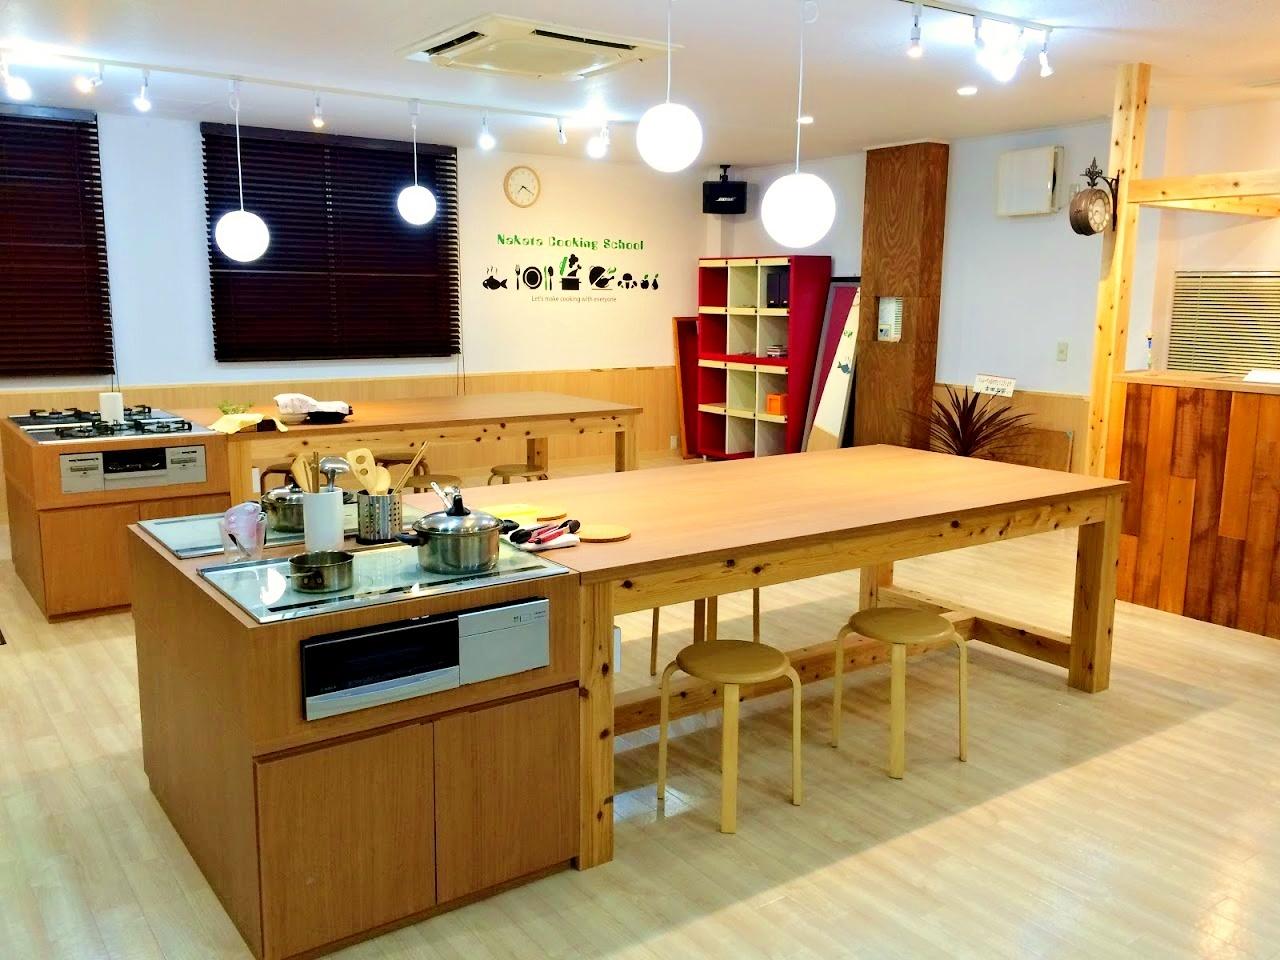 改装したての、カフェみたいな教室で働きませんか?